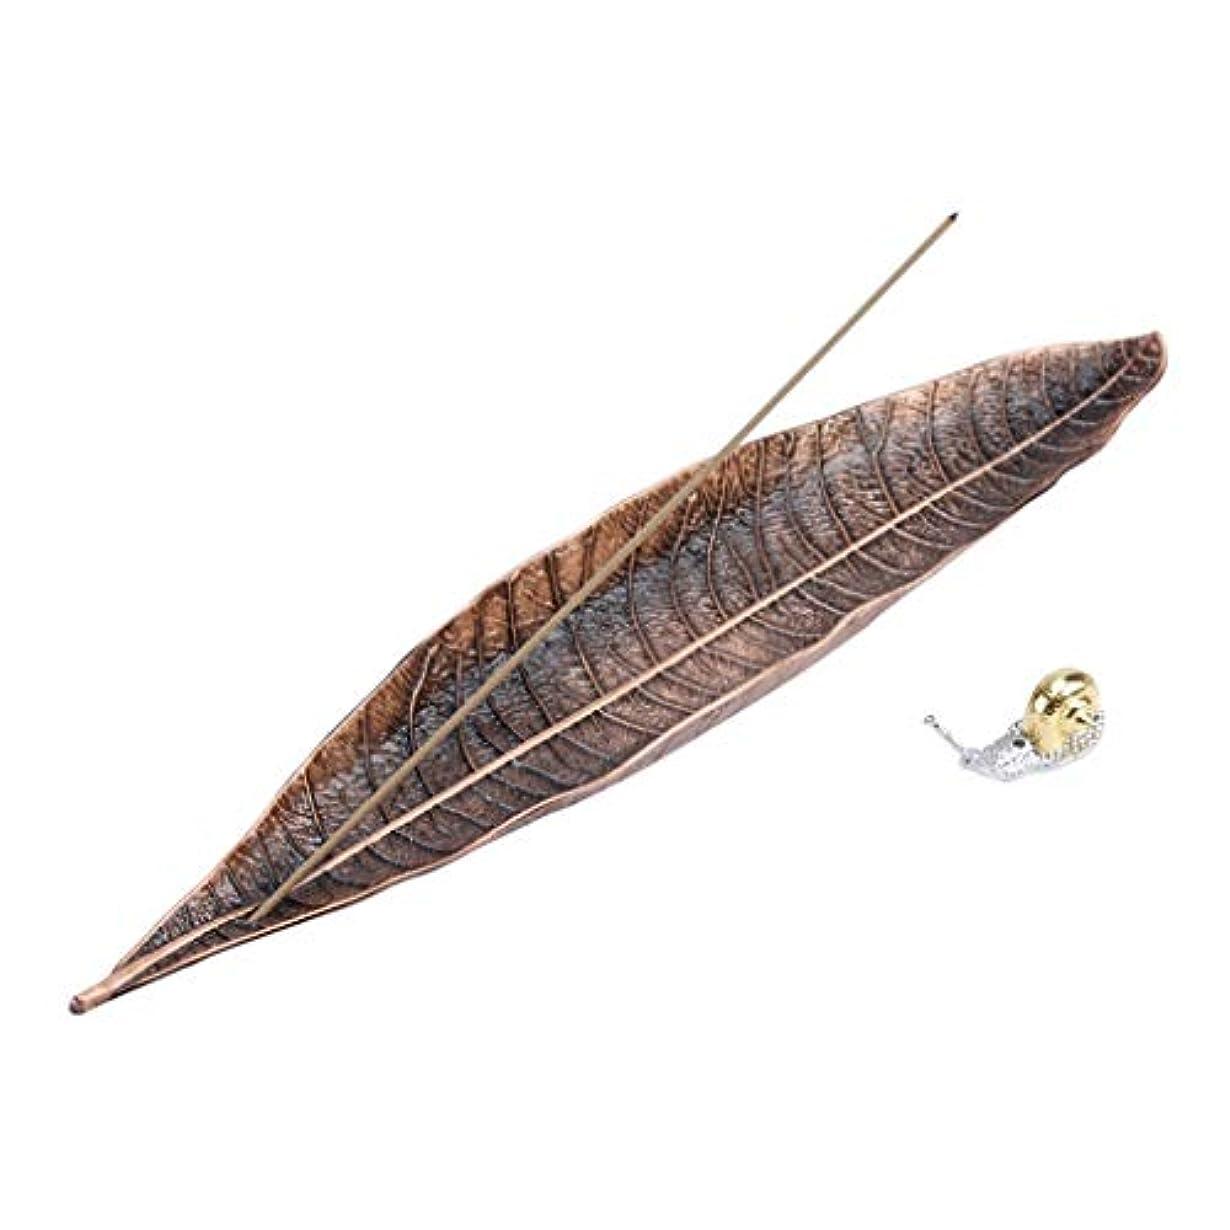 浮く病敬な芳香器?アロマバーナー カタツムリの香の棒のホールダーの家の装飾の付属品が付いている葉の香のホールダーの灰のキャッチャーの長い香バーナー アロマバーナー芳香器 (Color : A)